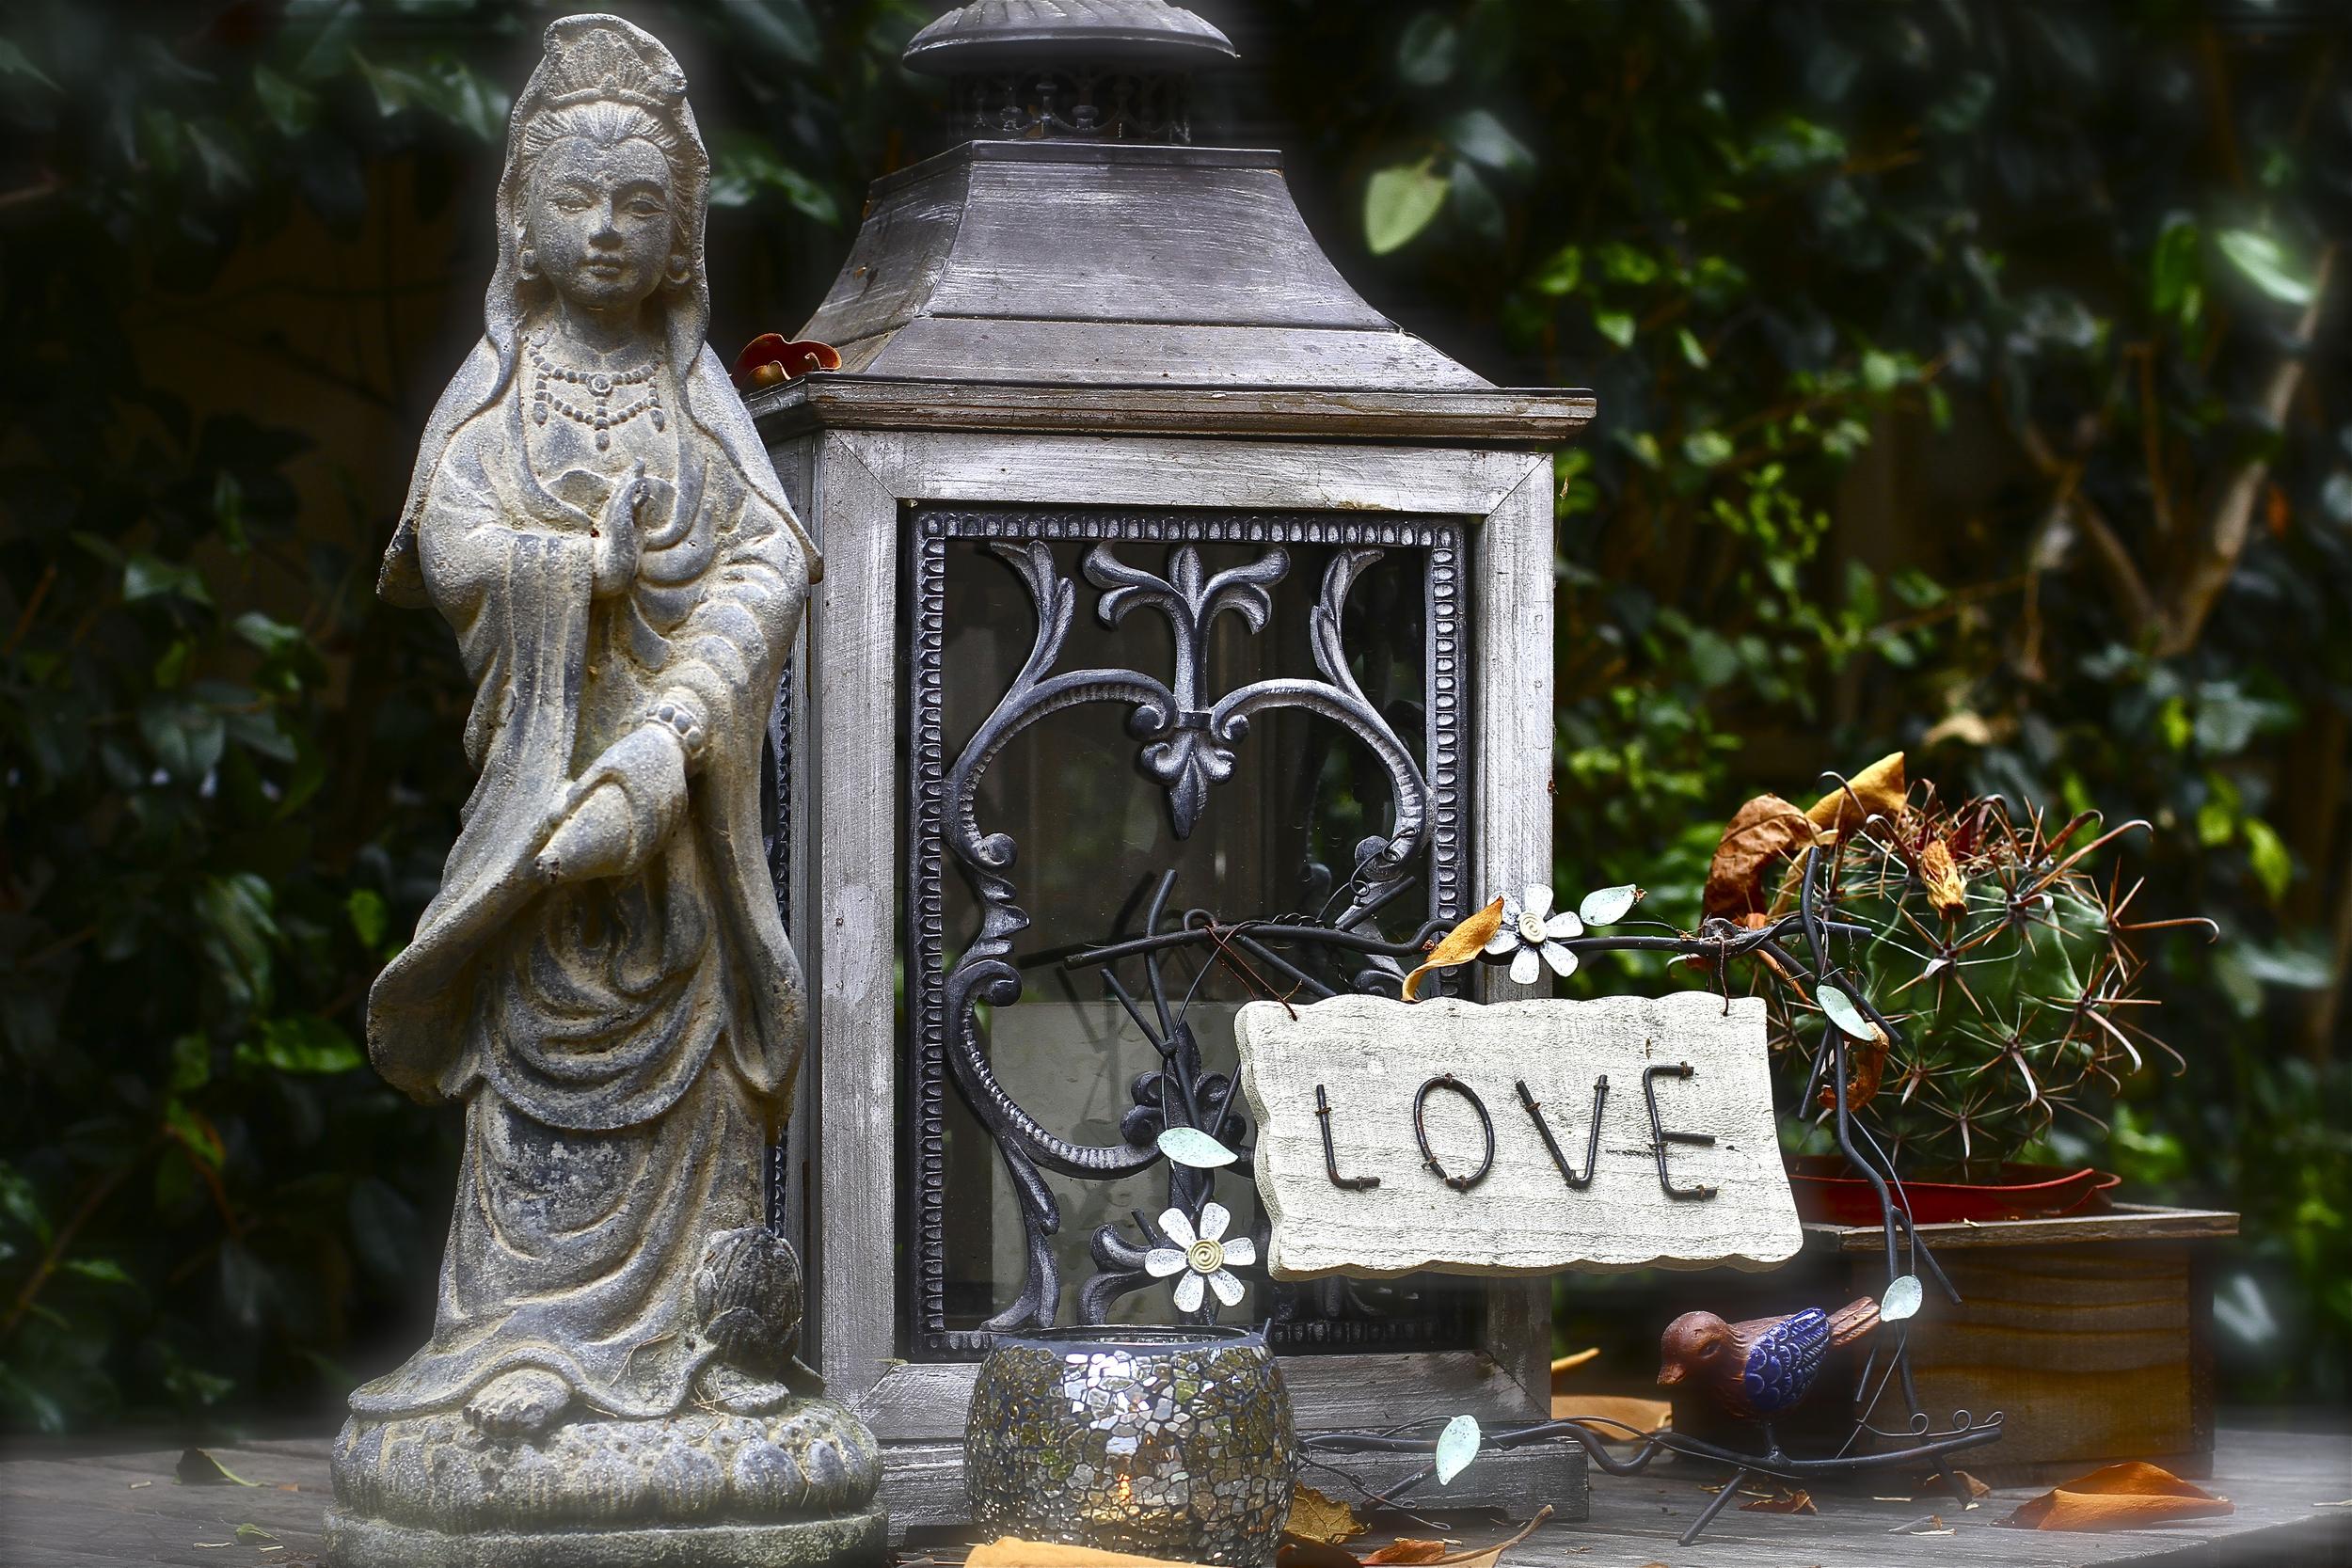 Quan Yin in the Garden | Dedicated to the memory of Amanda Marin Stratt | Summer in California | Photo by Amanda Michaels-Zech